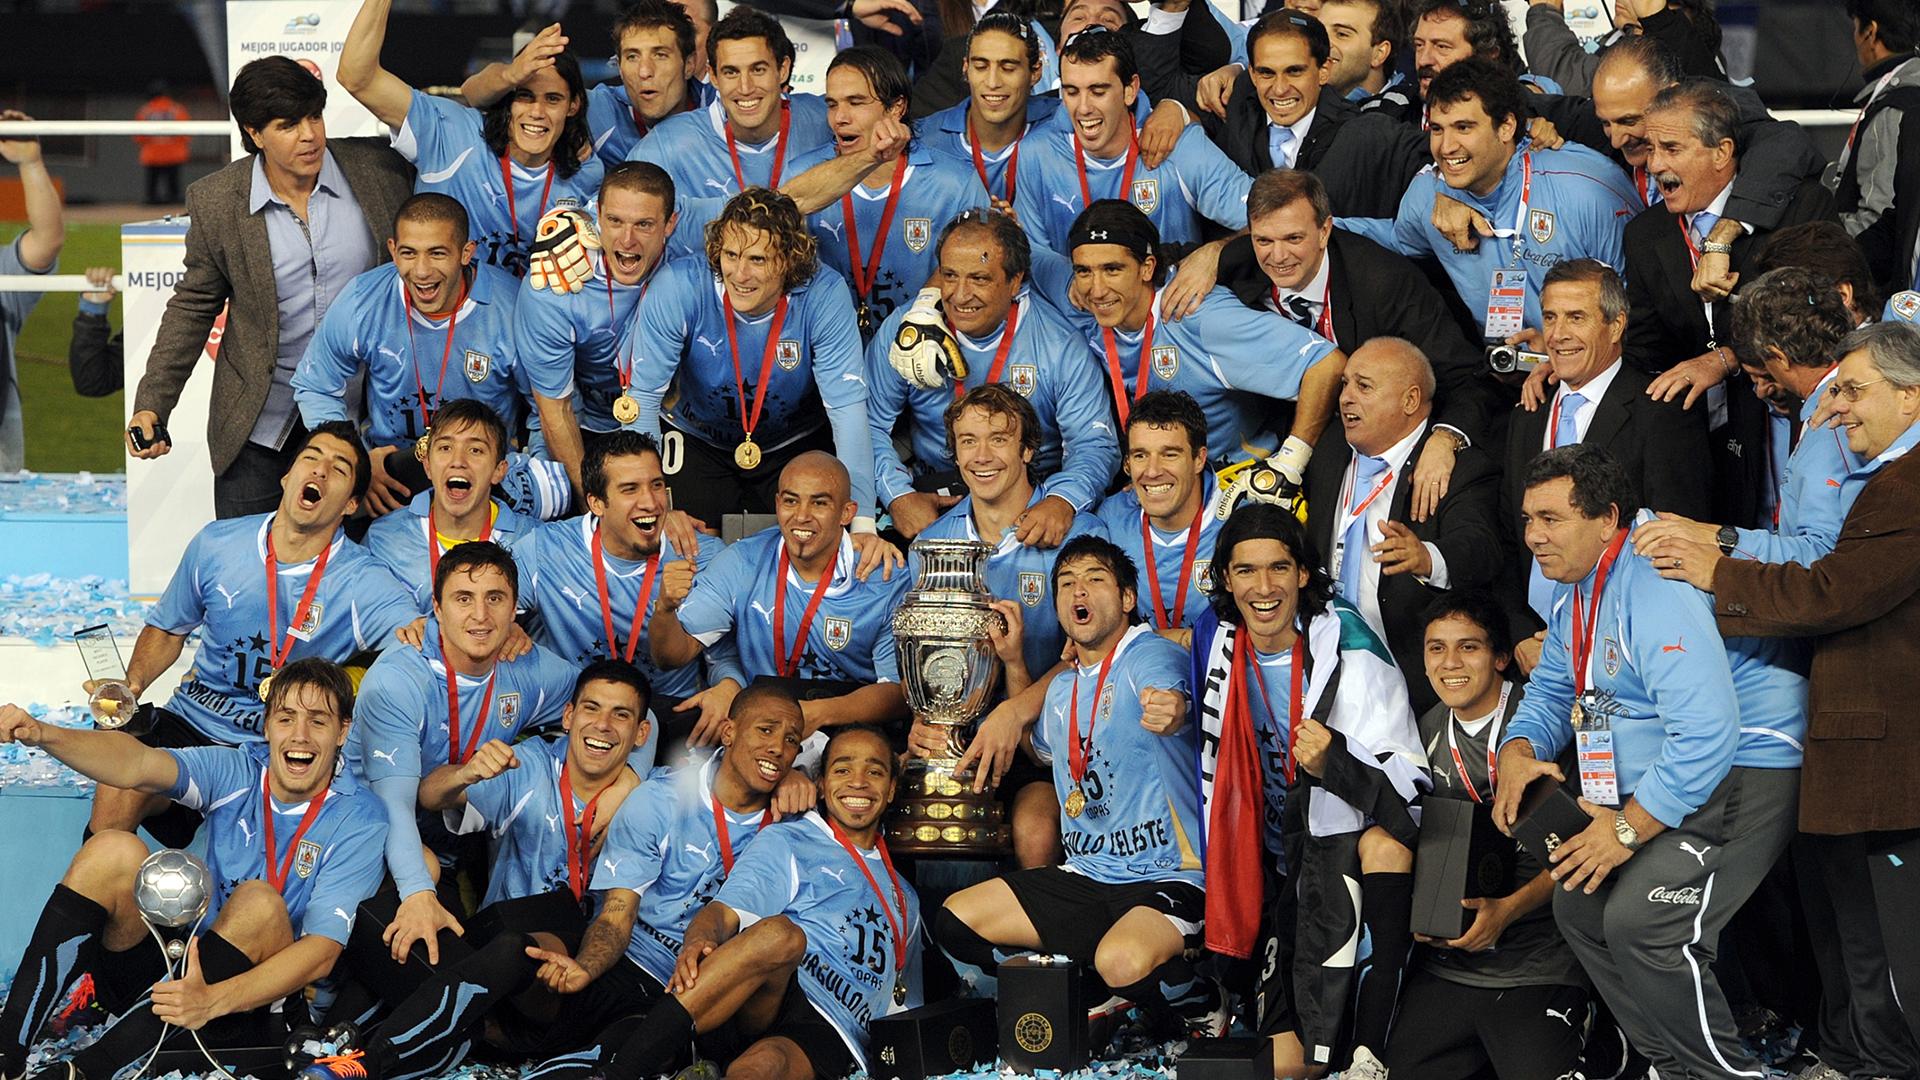 5 jogos marcantes do futebol sul-americano para ver na quarentena